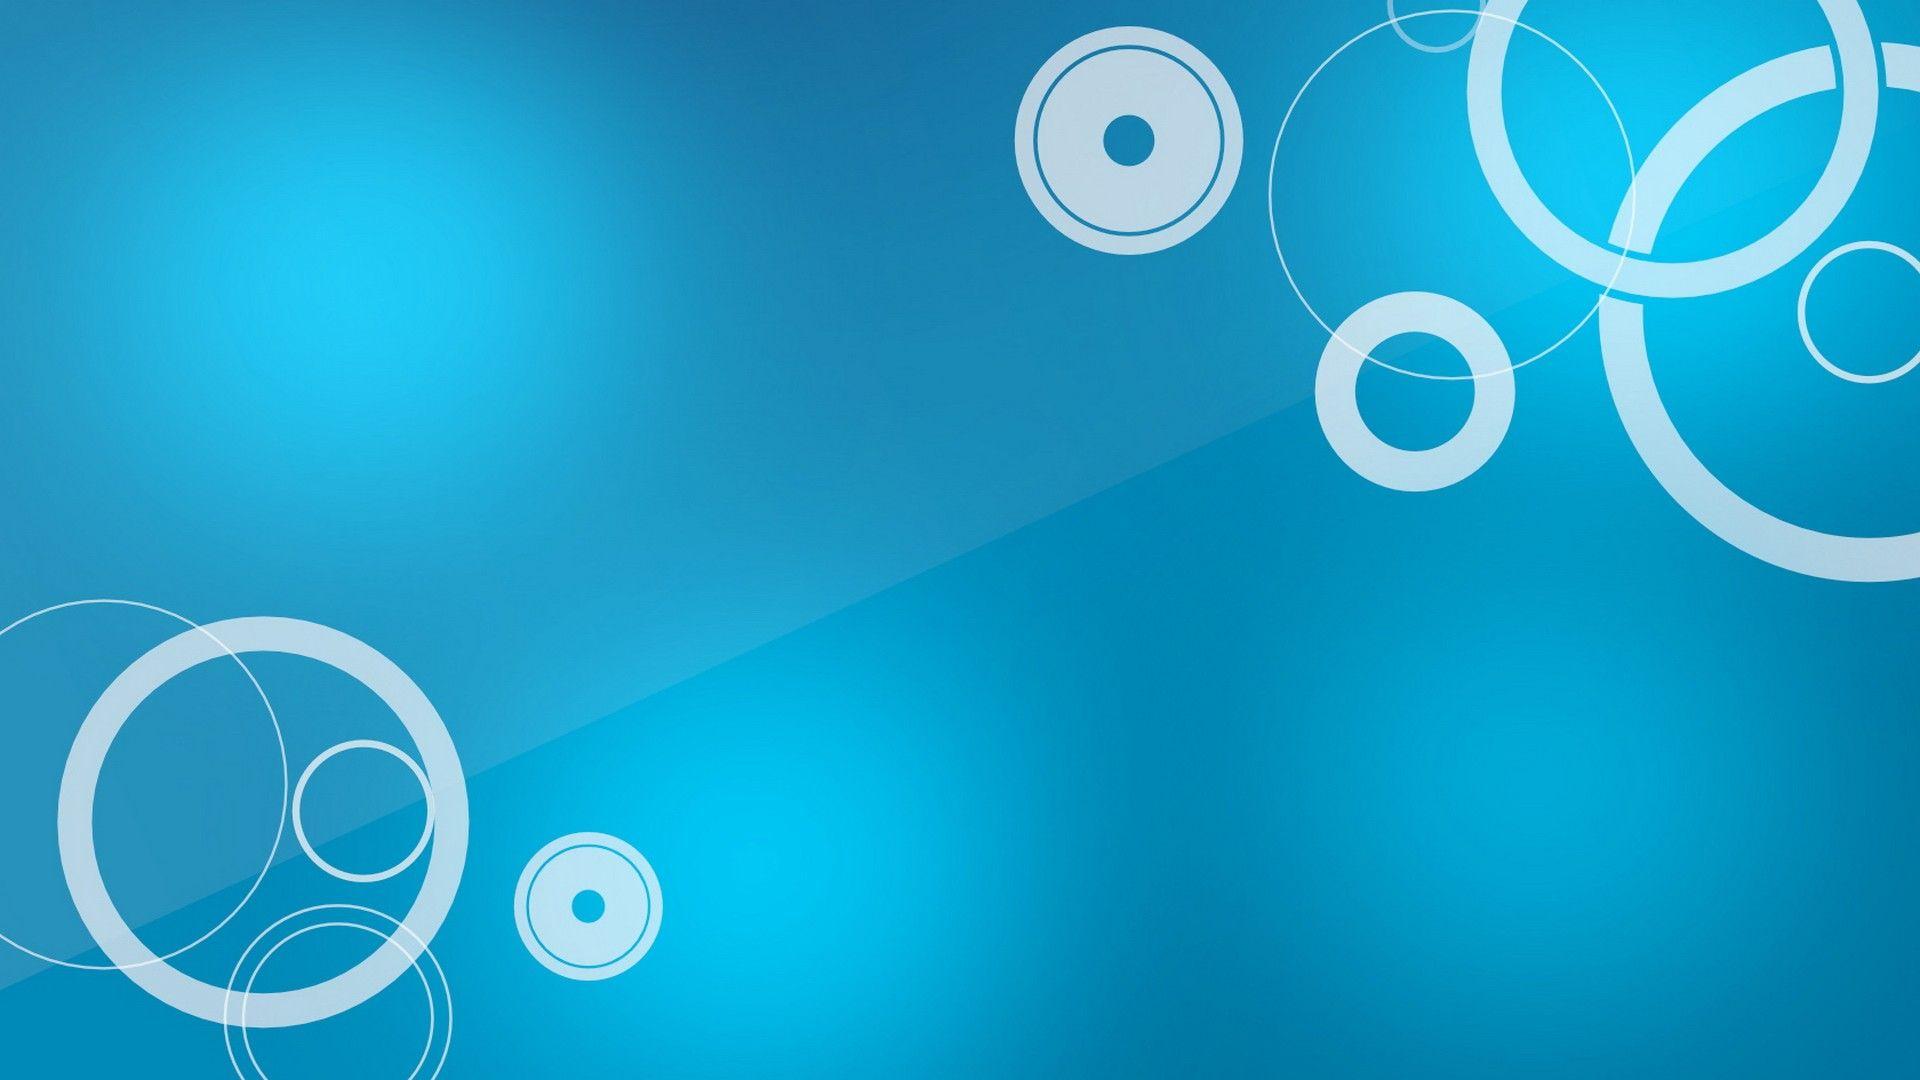 Fondos Abstractos Azules Vector Para Fondo Celular En Hd 11 Hd